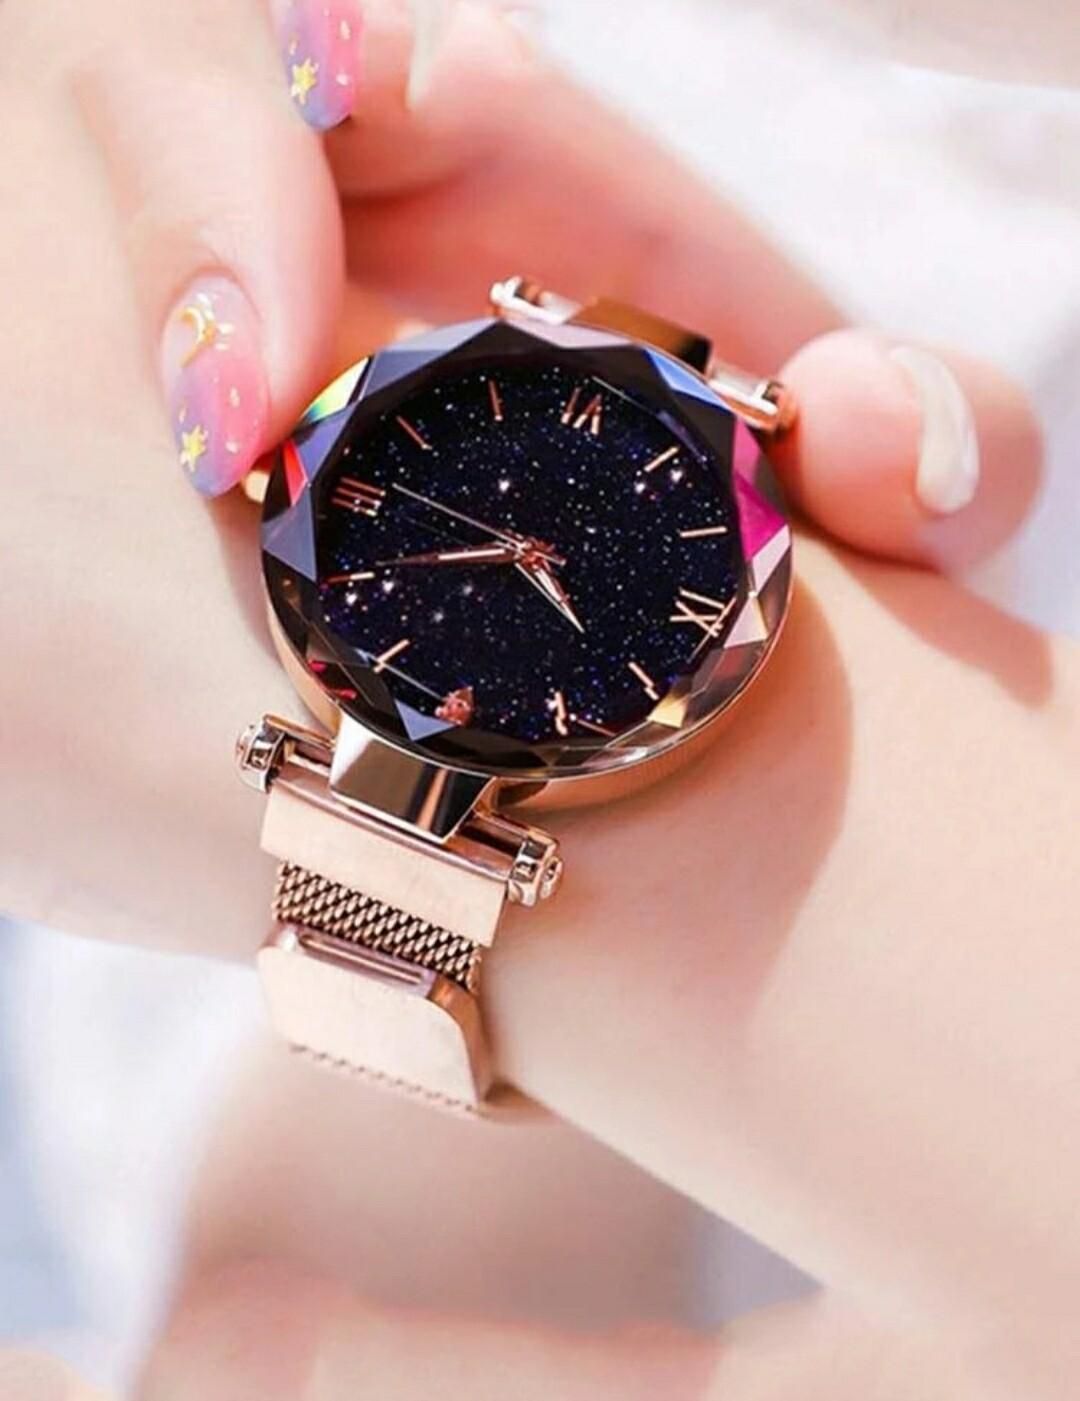 Starry Sky Quartz Watch